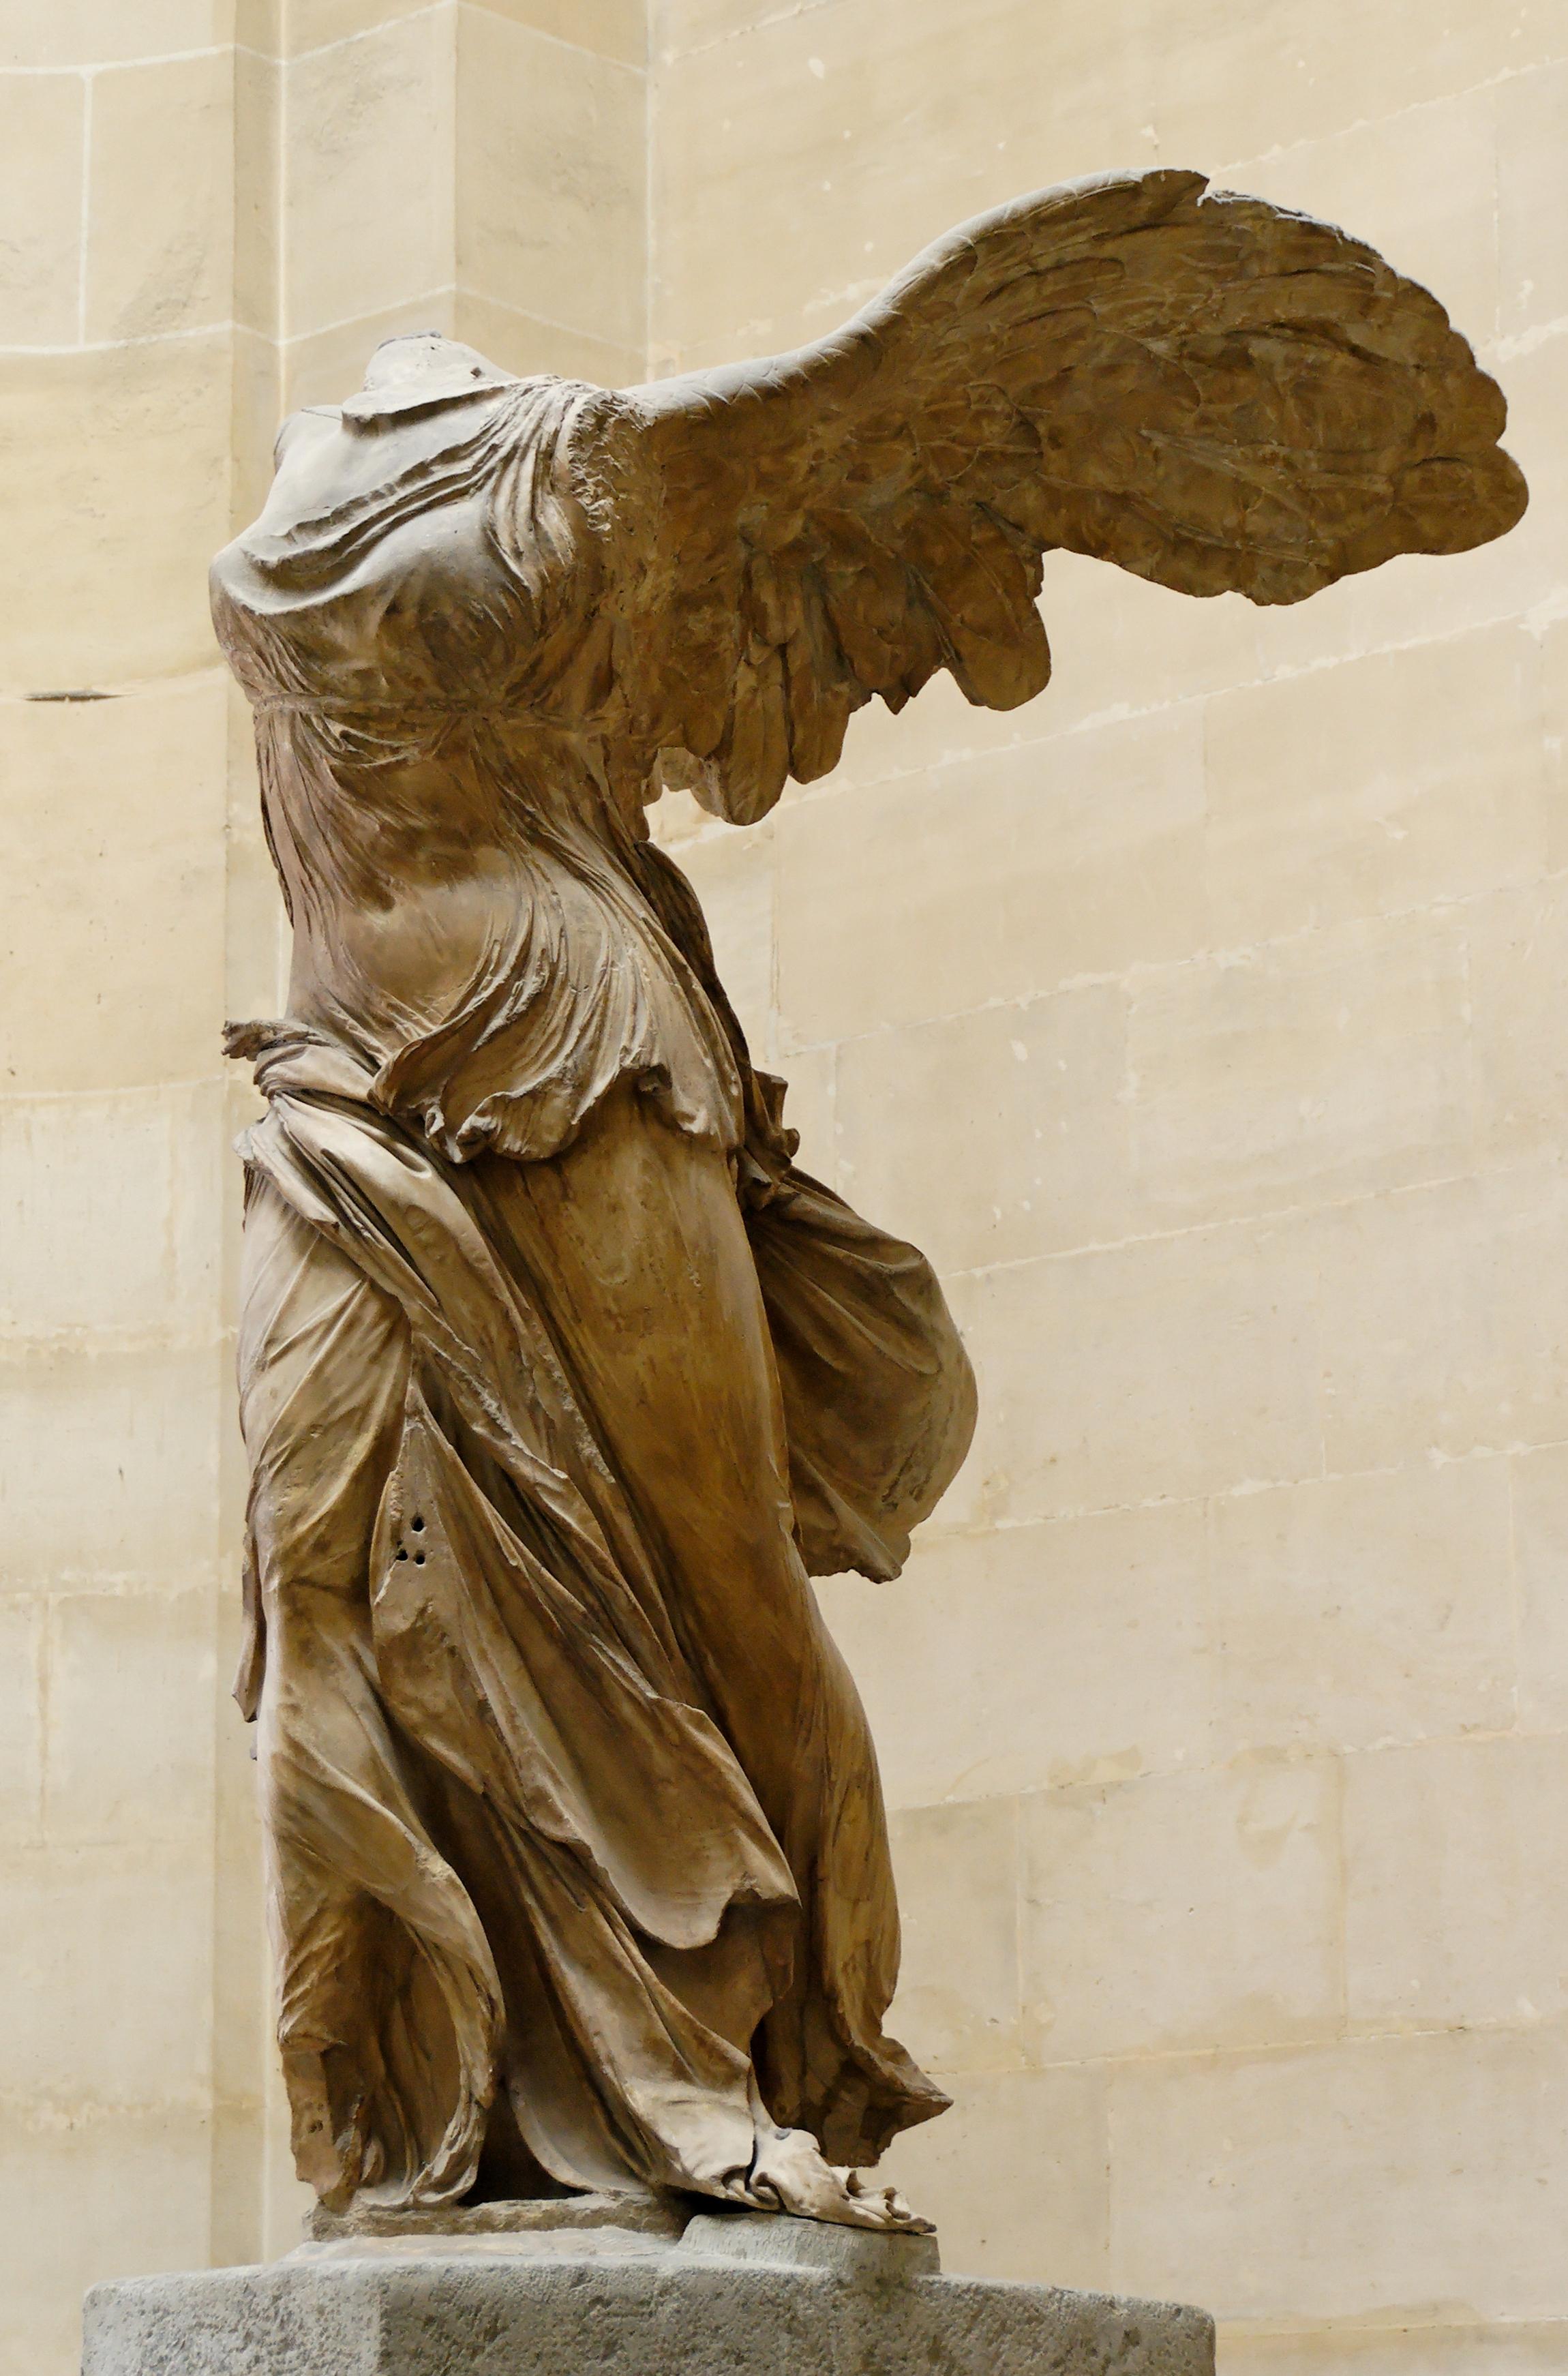 Nike_of_Samothrake_Louvre_Ma2369_n4